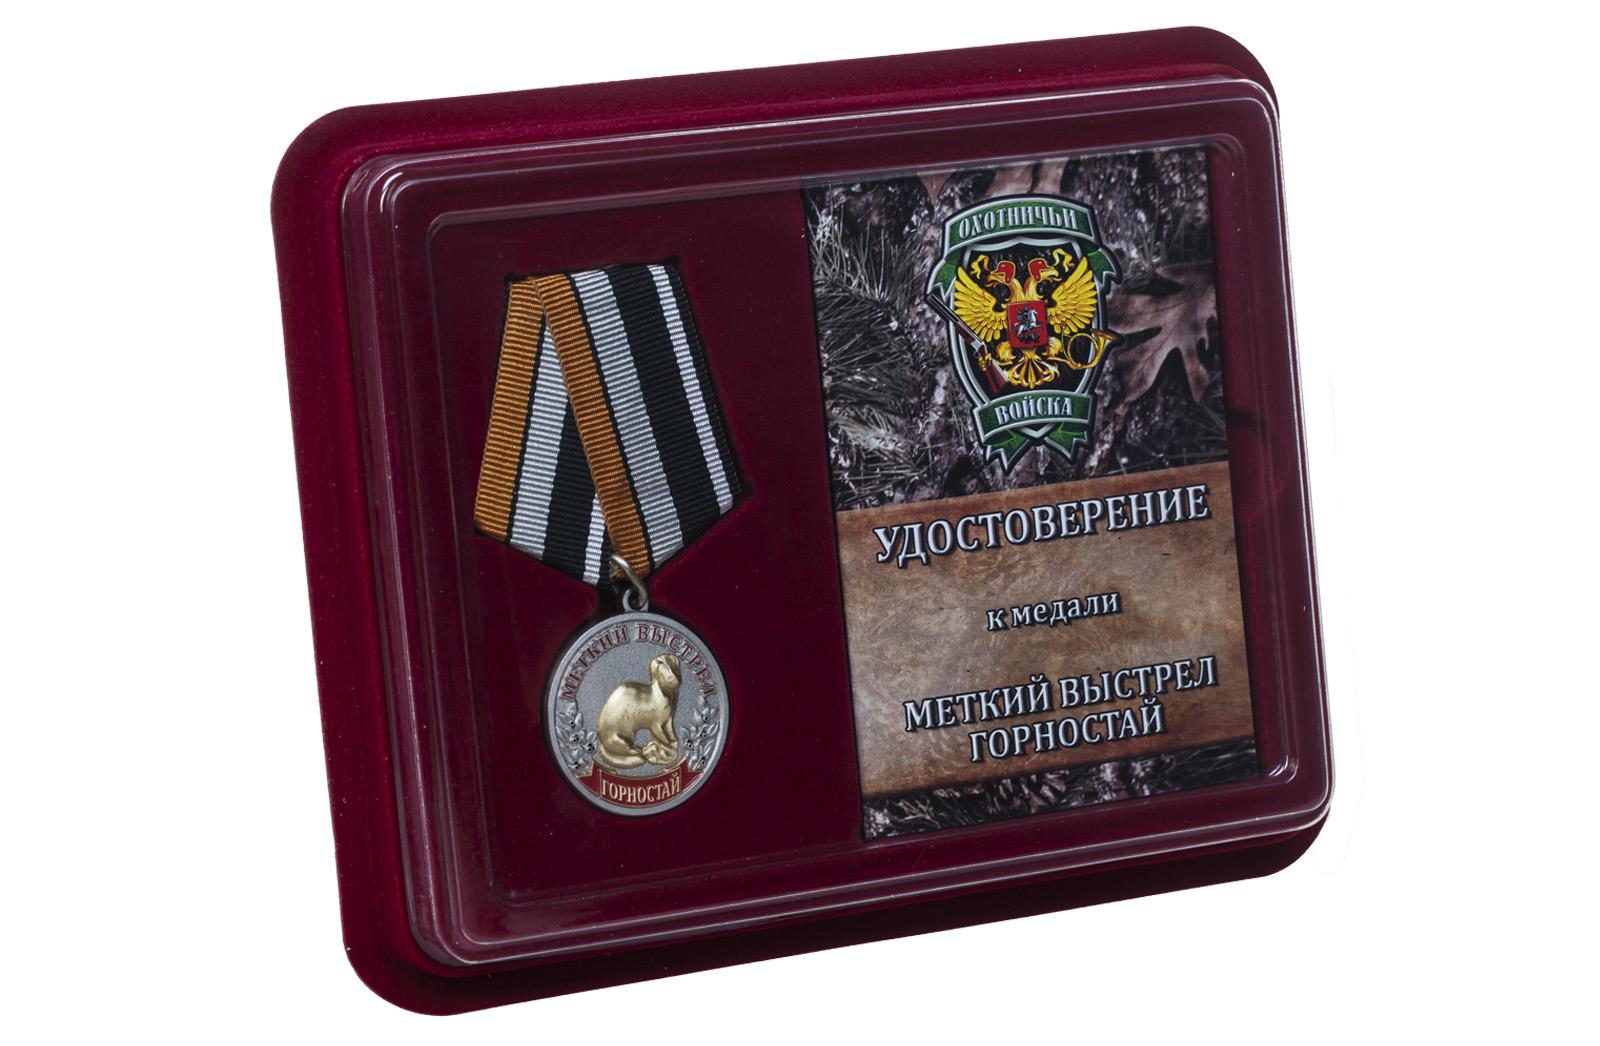 Купить медаль Меткий выстрел Горностай с доставкой по РФ